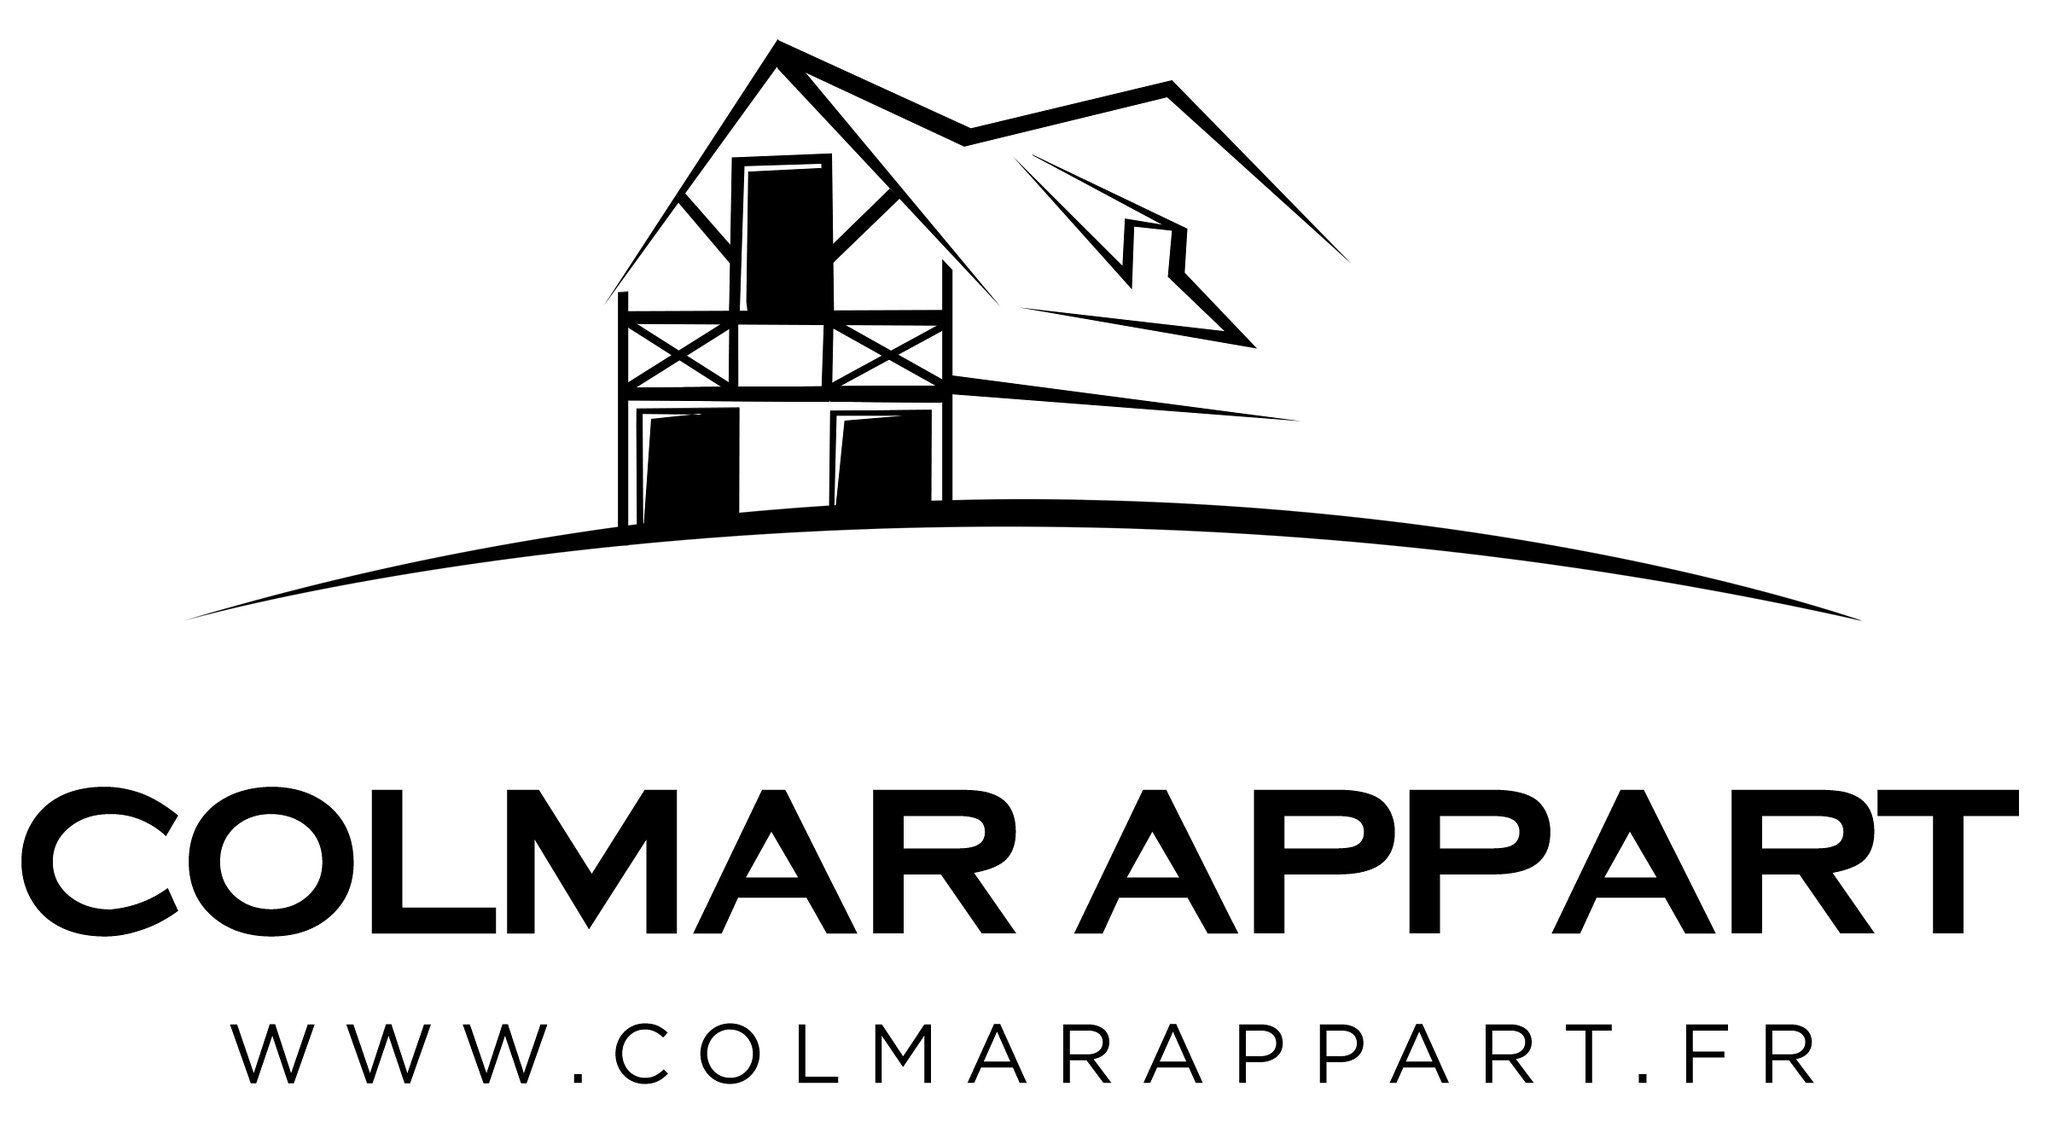 Colmarappart Rue Des Clefs